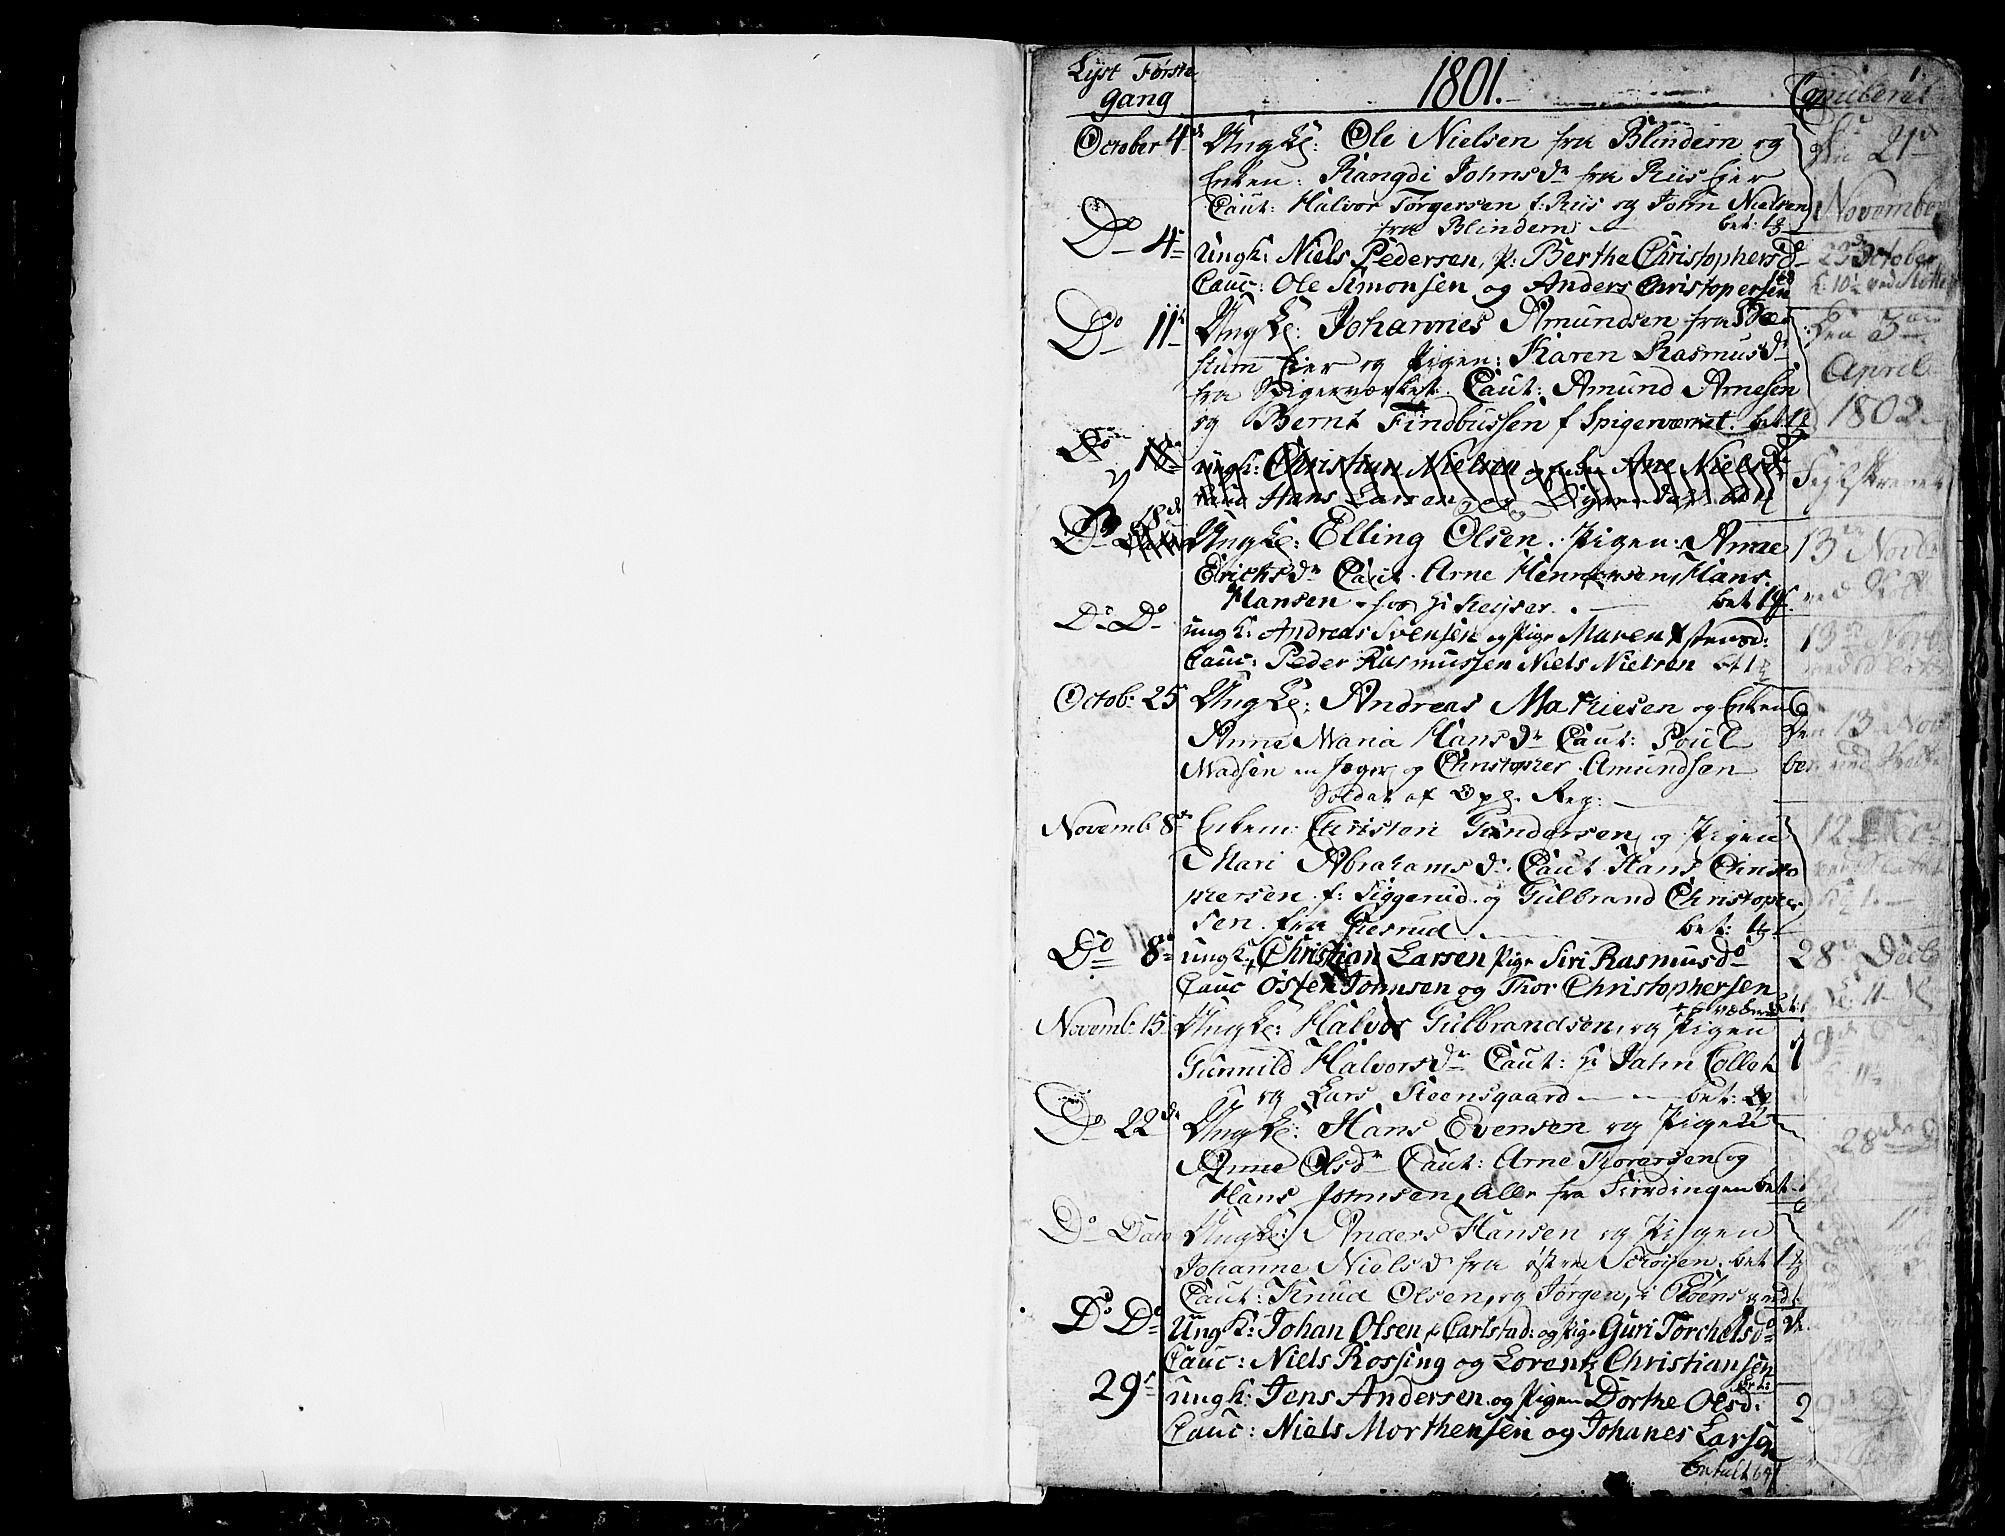 SAO, Aker prestekontor kirkebøker, G/L0001: Klokkerbok nr. 1, 1796-1826, s. 0-1